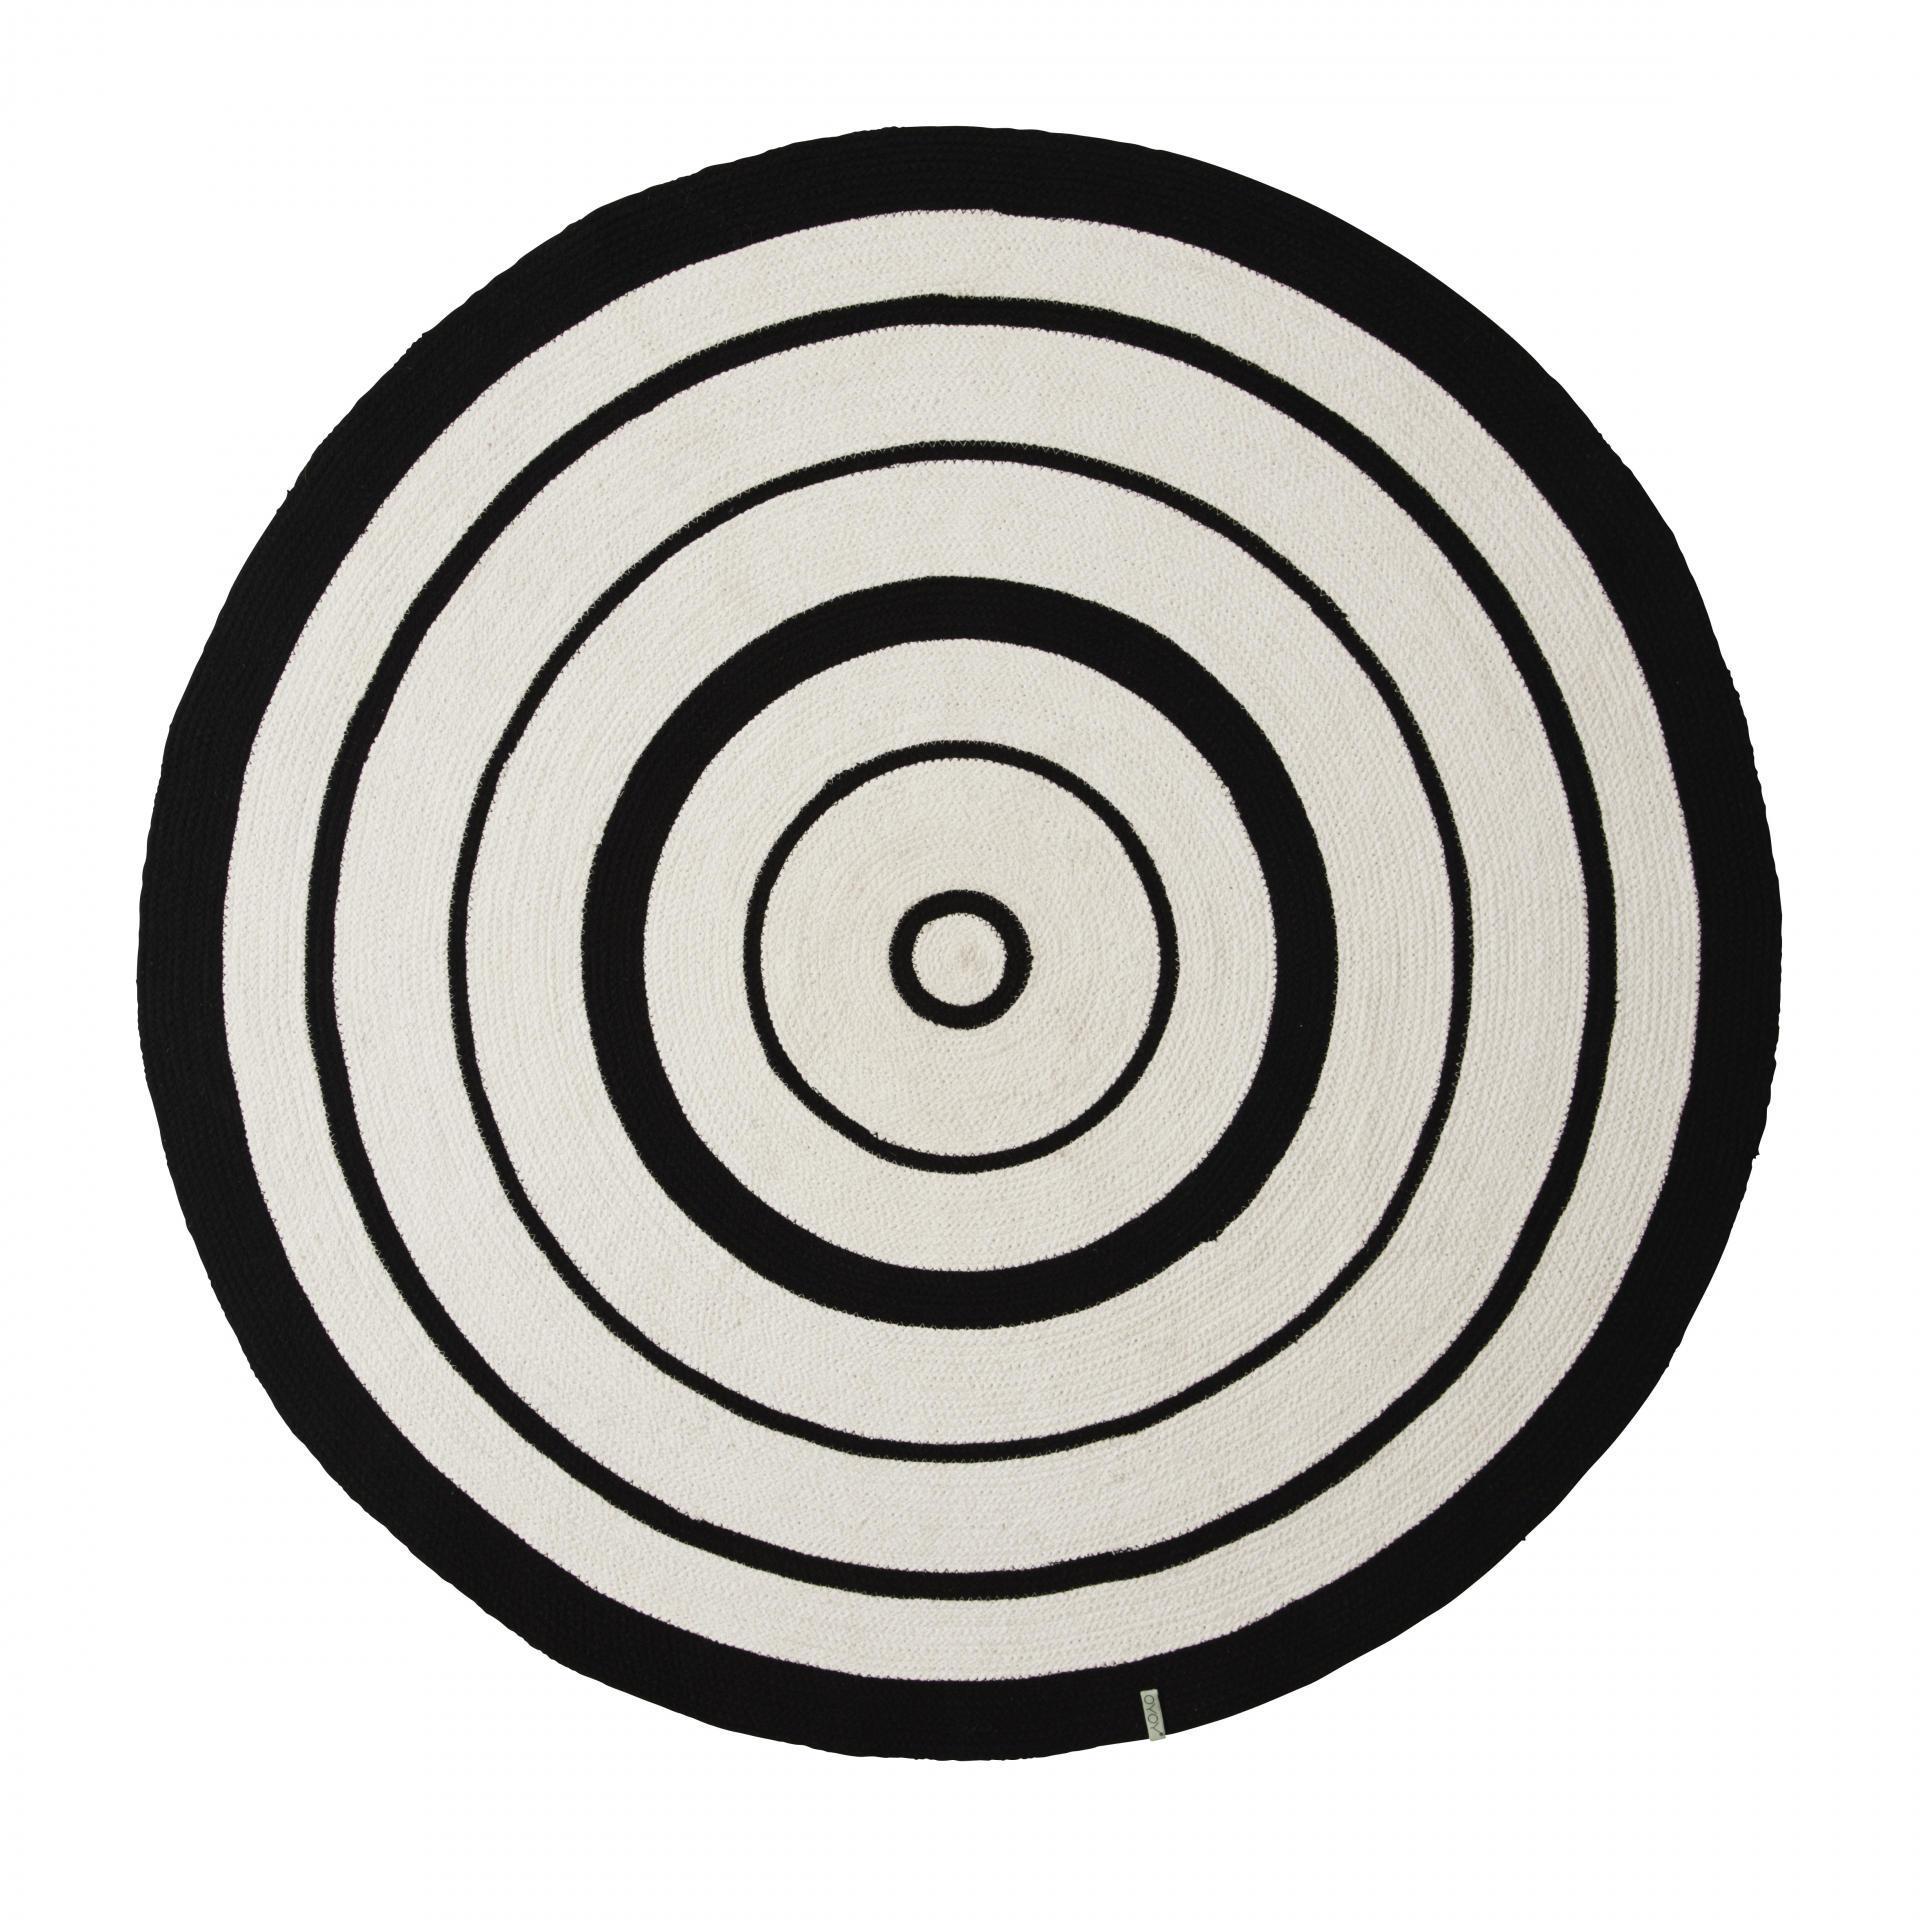 OYOY Bavlněný kobereček Circle Rug 120cm, černá barva, textil